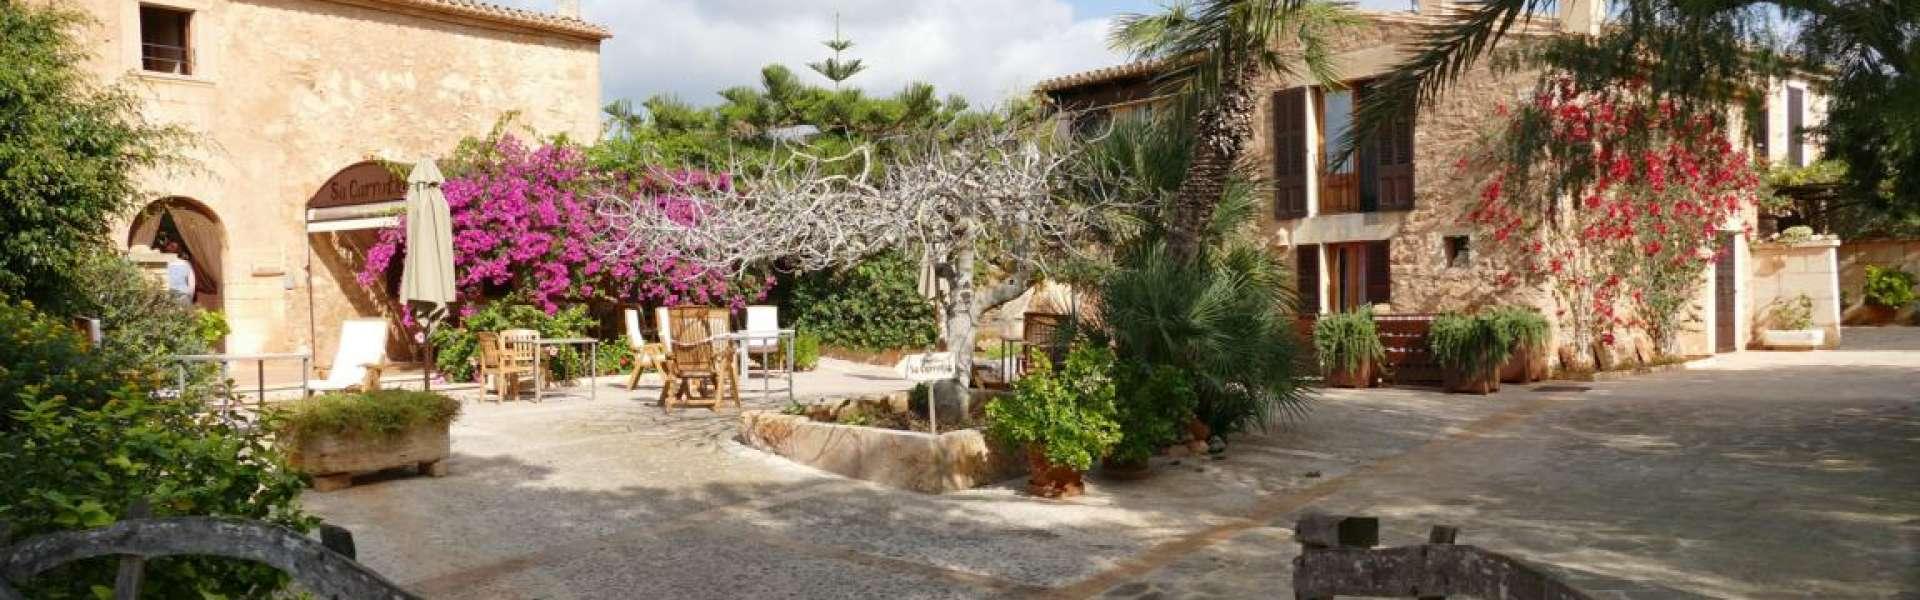 Landhotel in Ses Salines